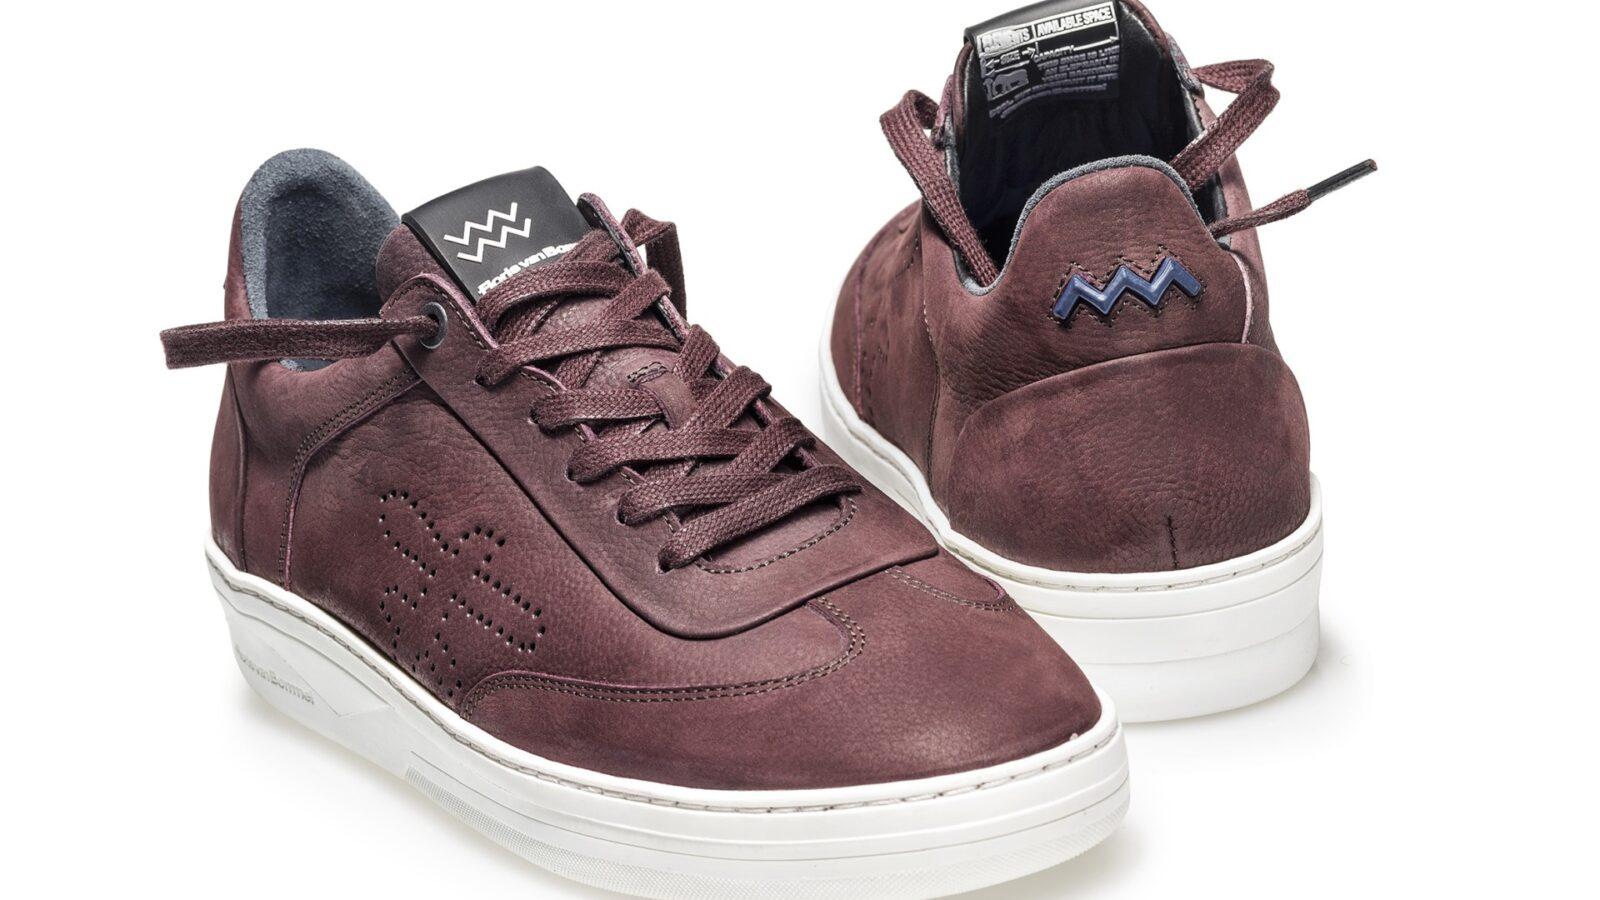 OXMOX verlost Premium-Sneaker von FLORIS VAN BOMMEL